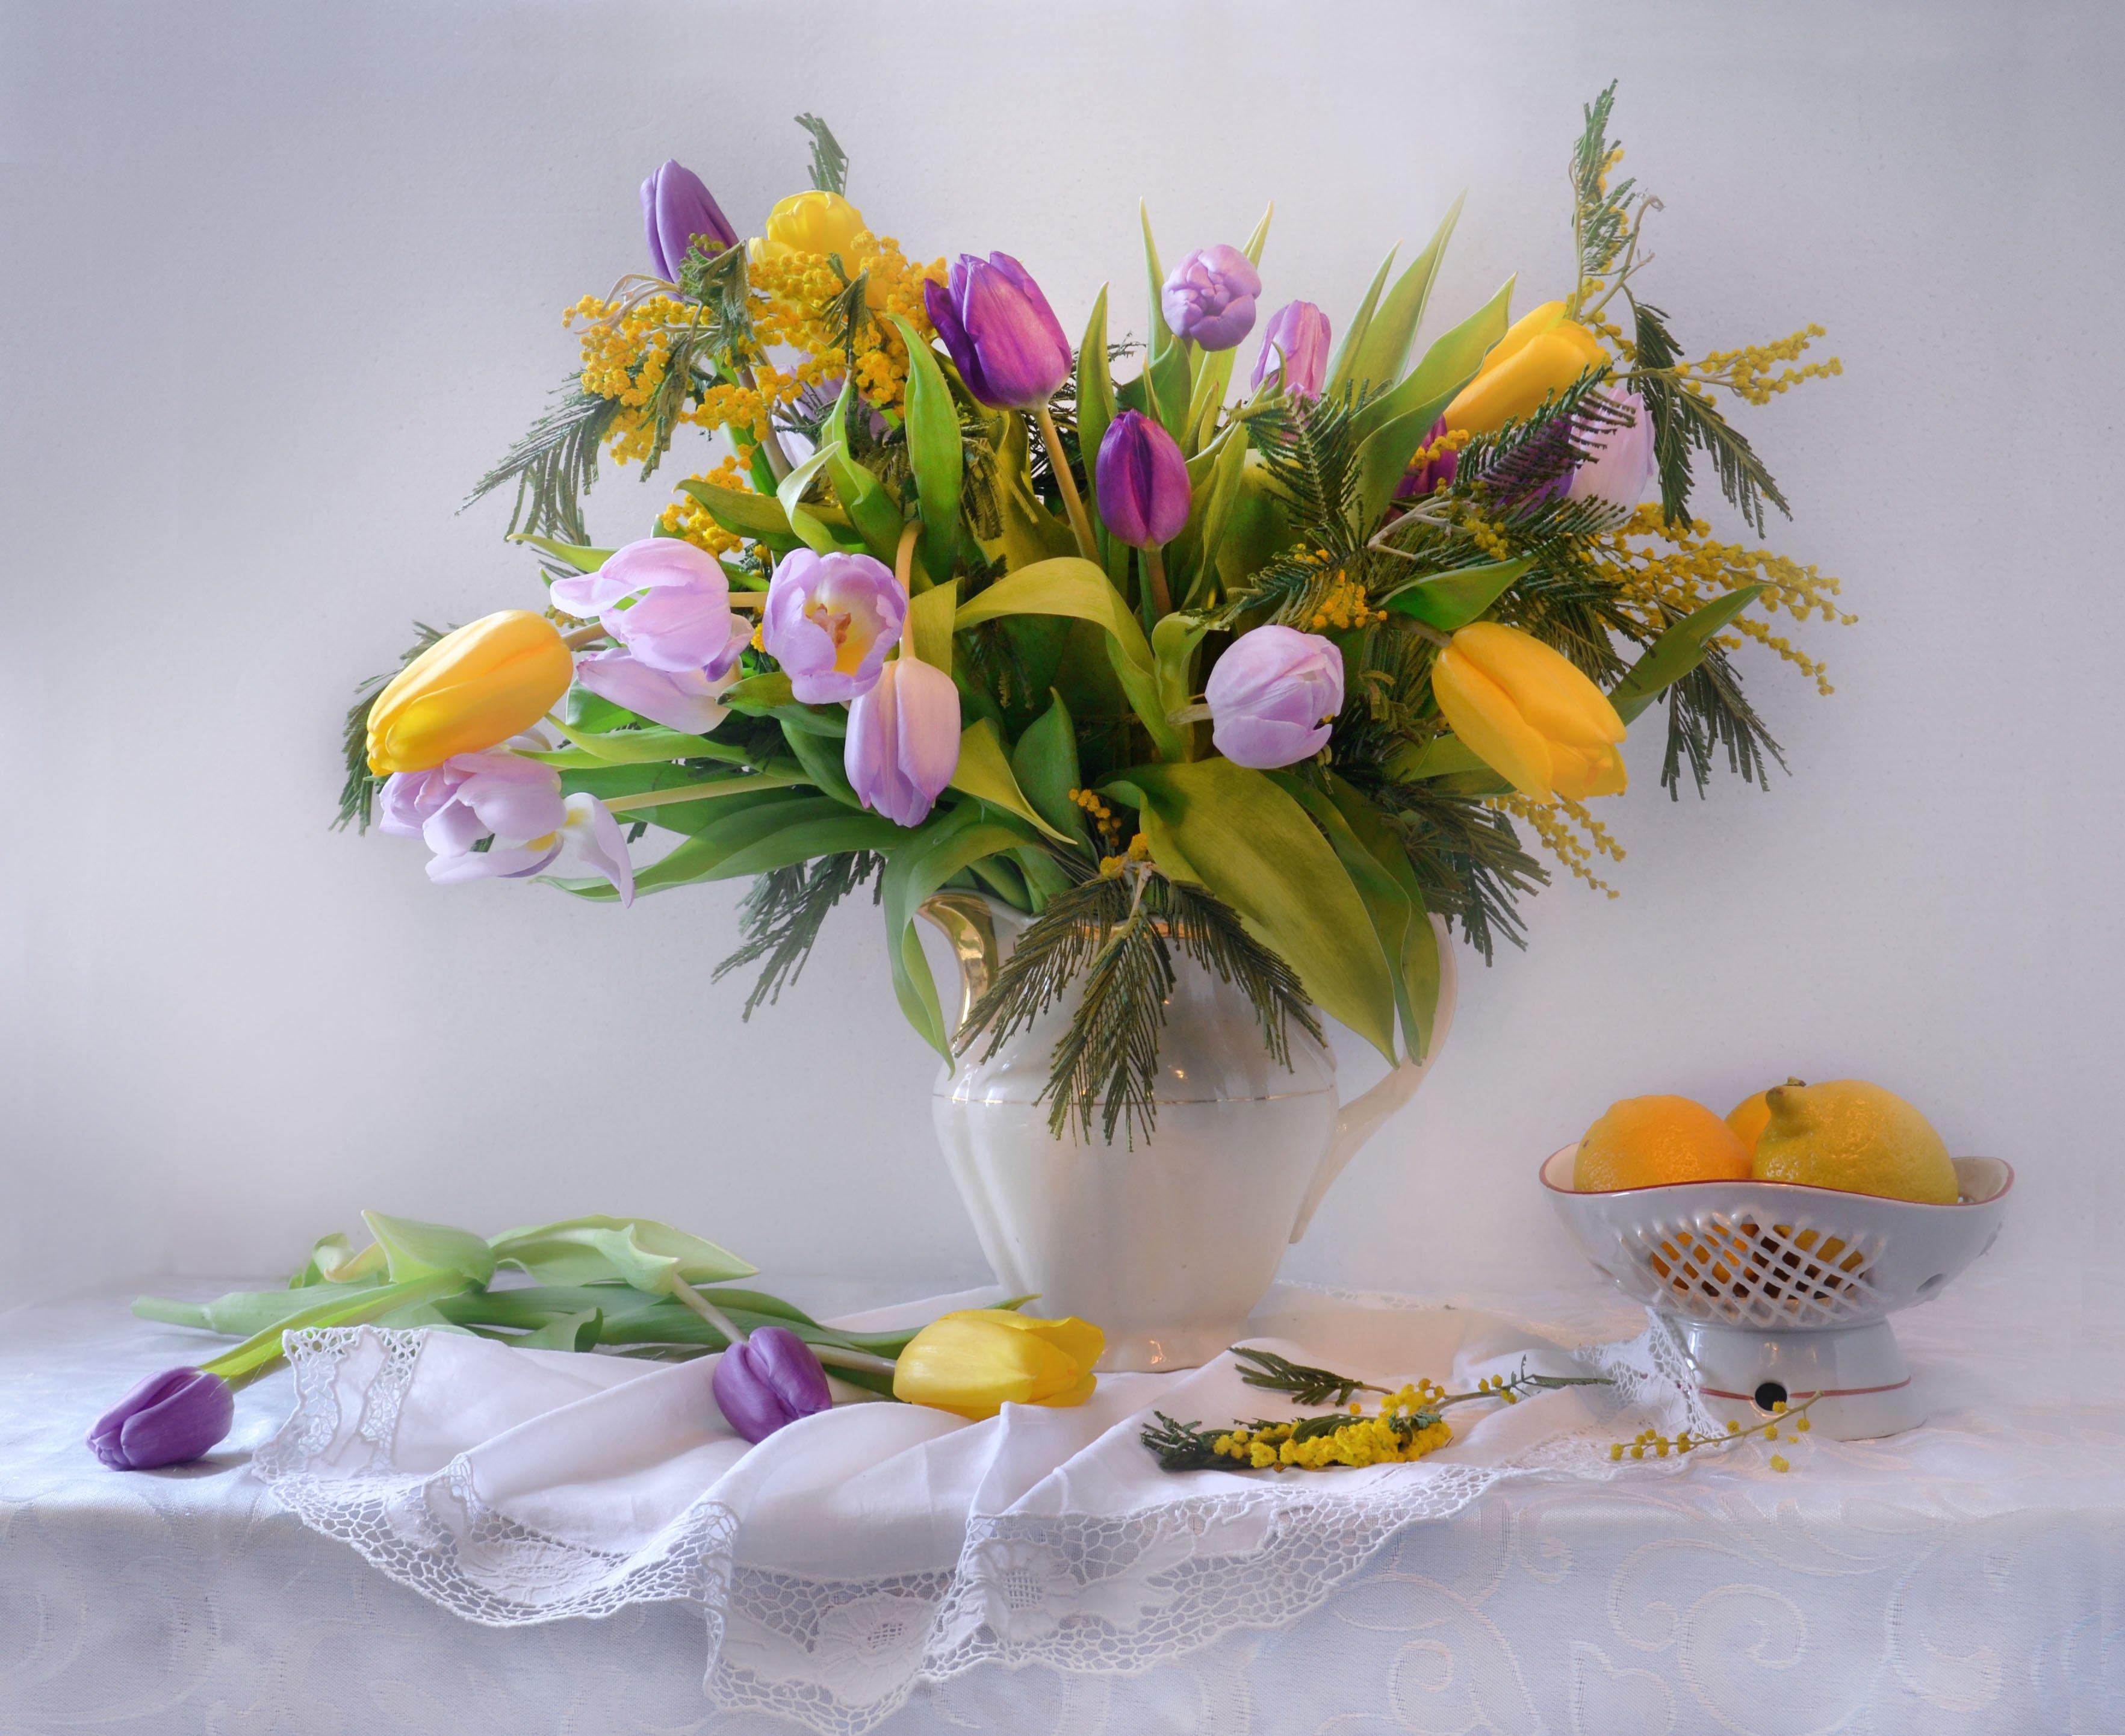 still life,натюрморт,букет тюльпаны, весна, март,  поздравление, праздник, праздничный, фото натюрморт, цветы, Колова Валентина